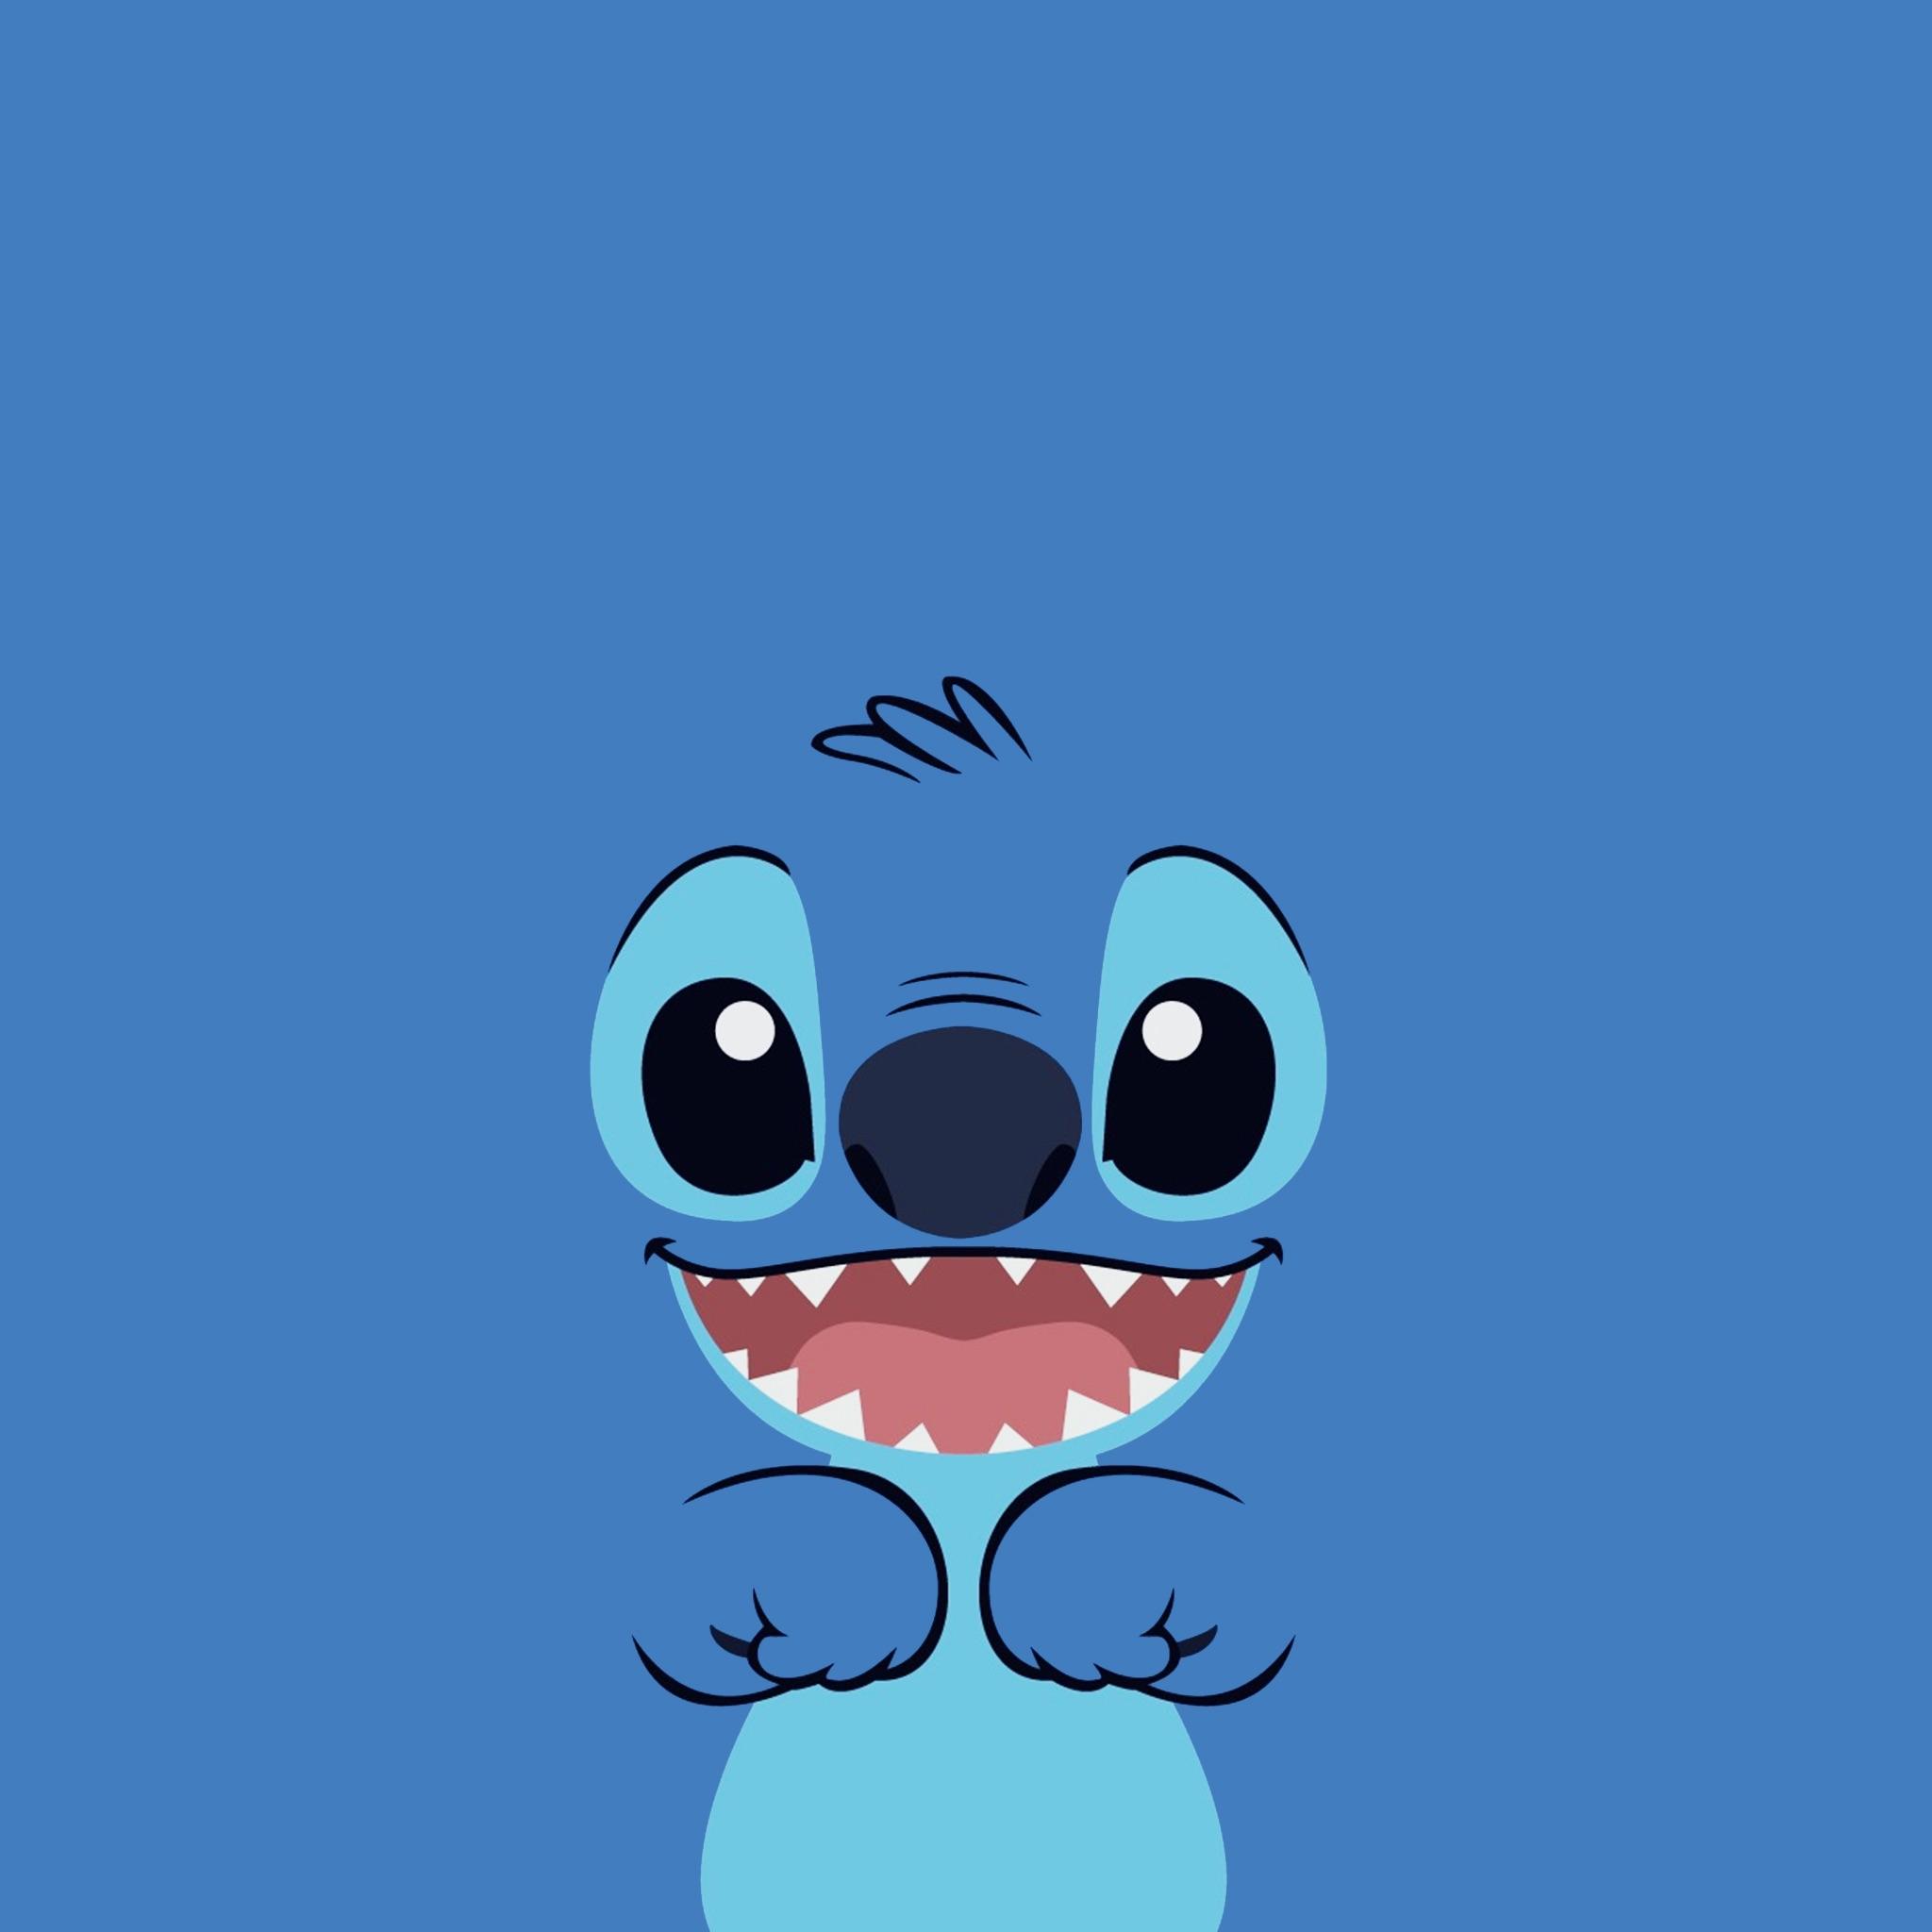 Stitch Tumblr Wallpaper